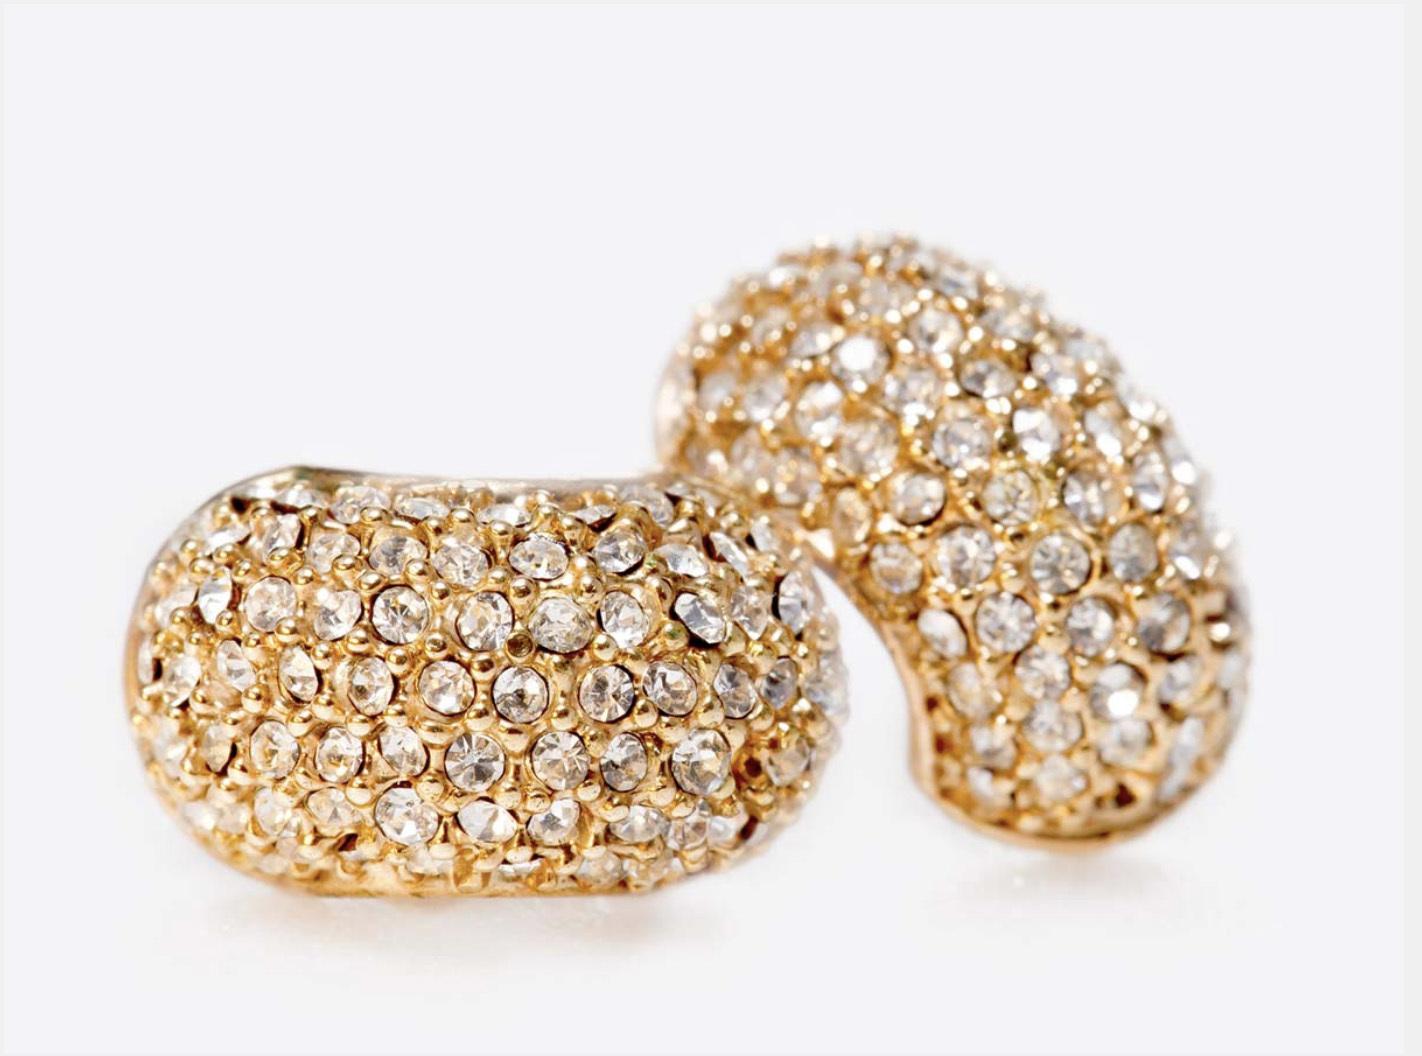 有些戒指為了增添賣相,會使用鋯石替代鑽石,人工鋯石價格低廉,也會增加回收難度。